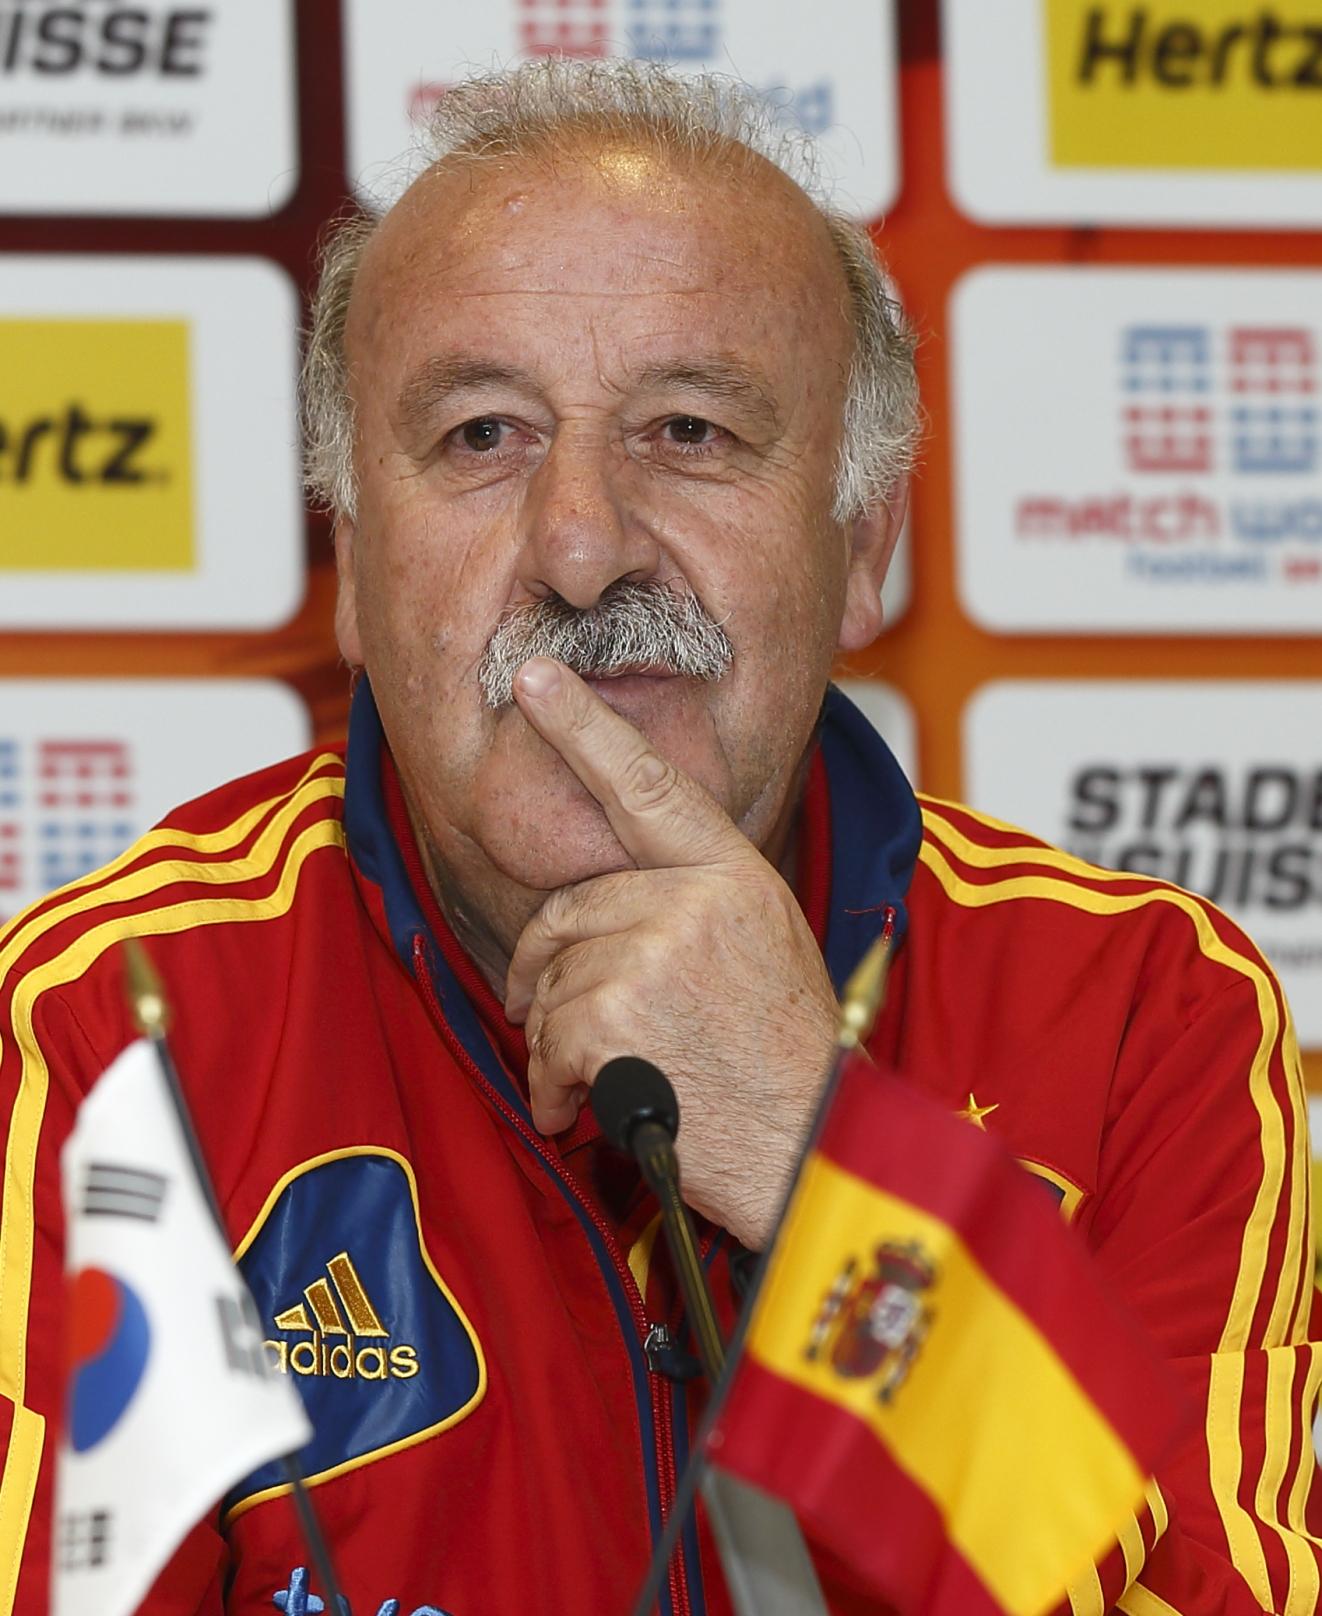 """Del Bosque: """"Nuestros jugadores son conocedores de la realidad del fútbol actual"""""""